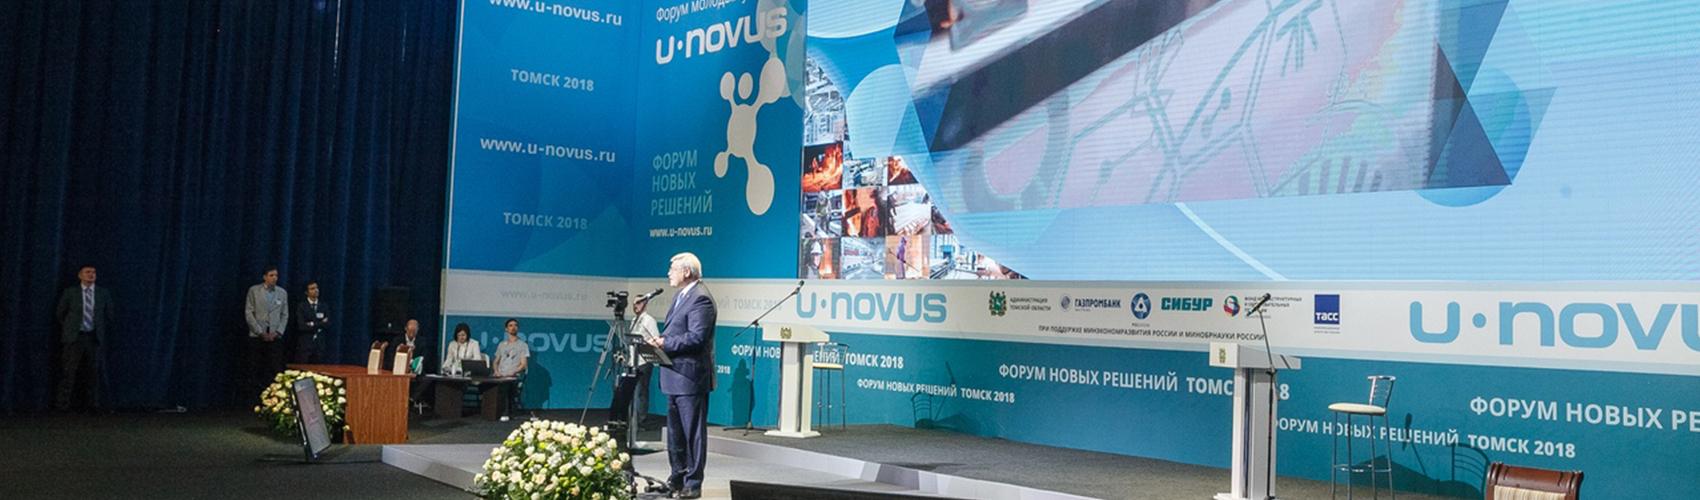 Оформление форума U-NOVUS